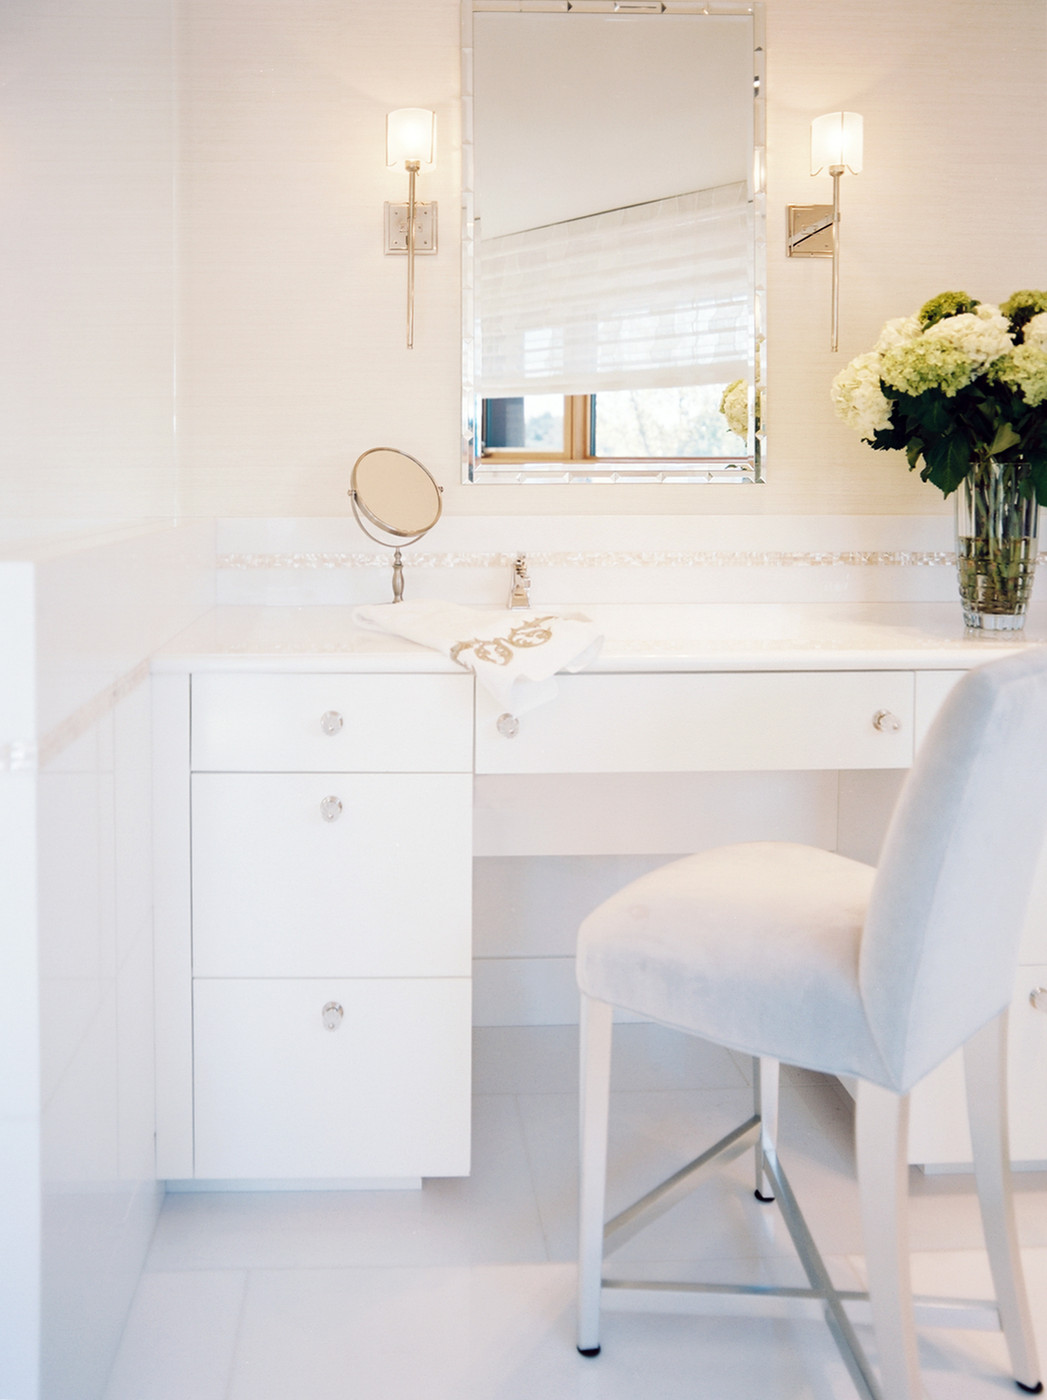 The Luxury Look of HighEnd Bathroom Vanities